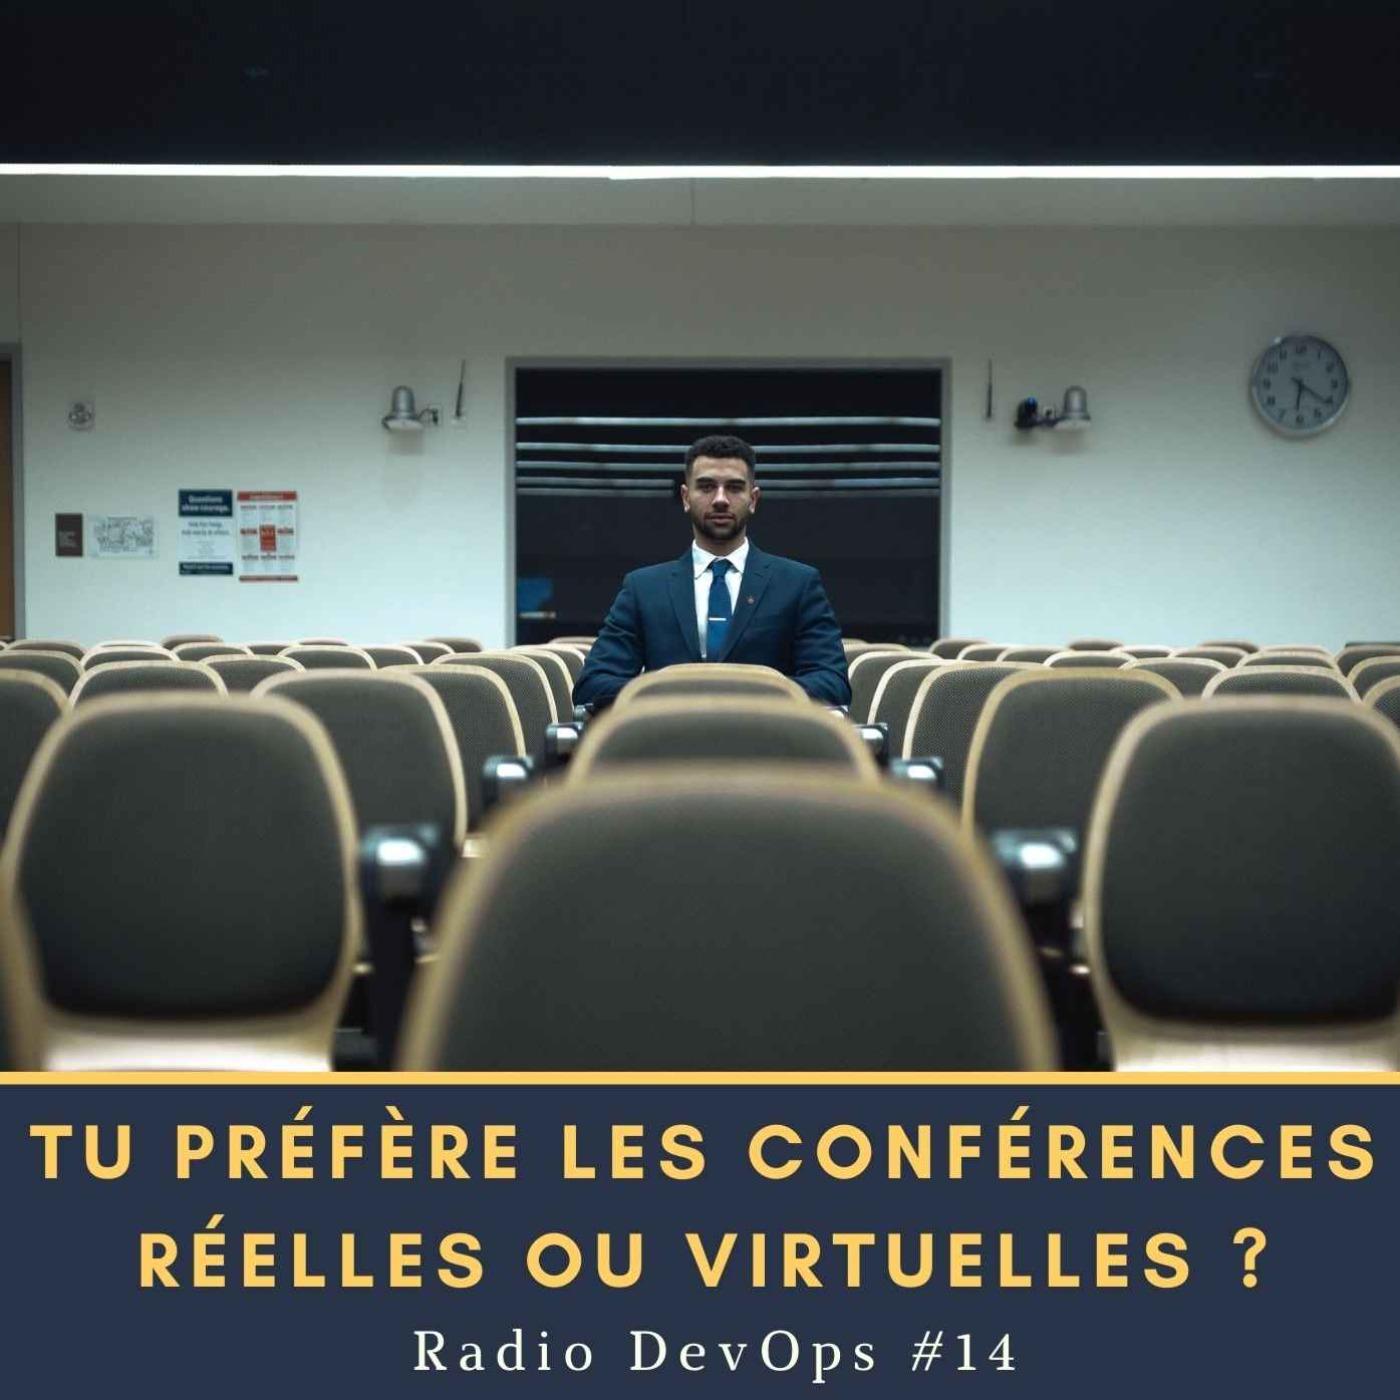 📻 Tu préfères les conférences réelles ou virtuelles ? | Radio DevOps #14